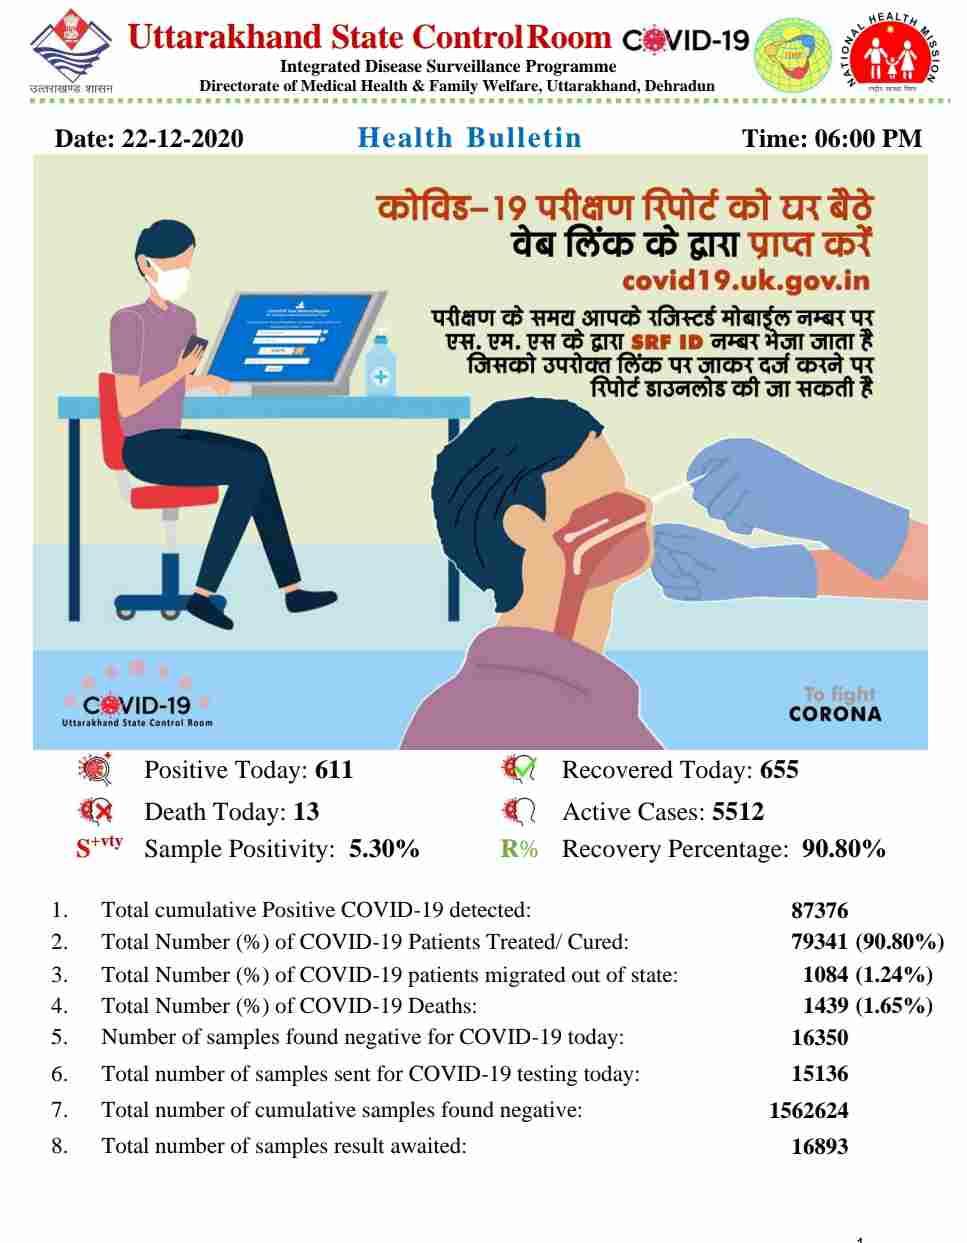 कोरोना बुलेटिन: उत्तराखंड में आज 13 लोगों की मौत, 611 नए कोविड-19 मरीज़, 655 हुए आज स्वास्थ्य 2